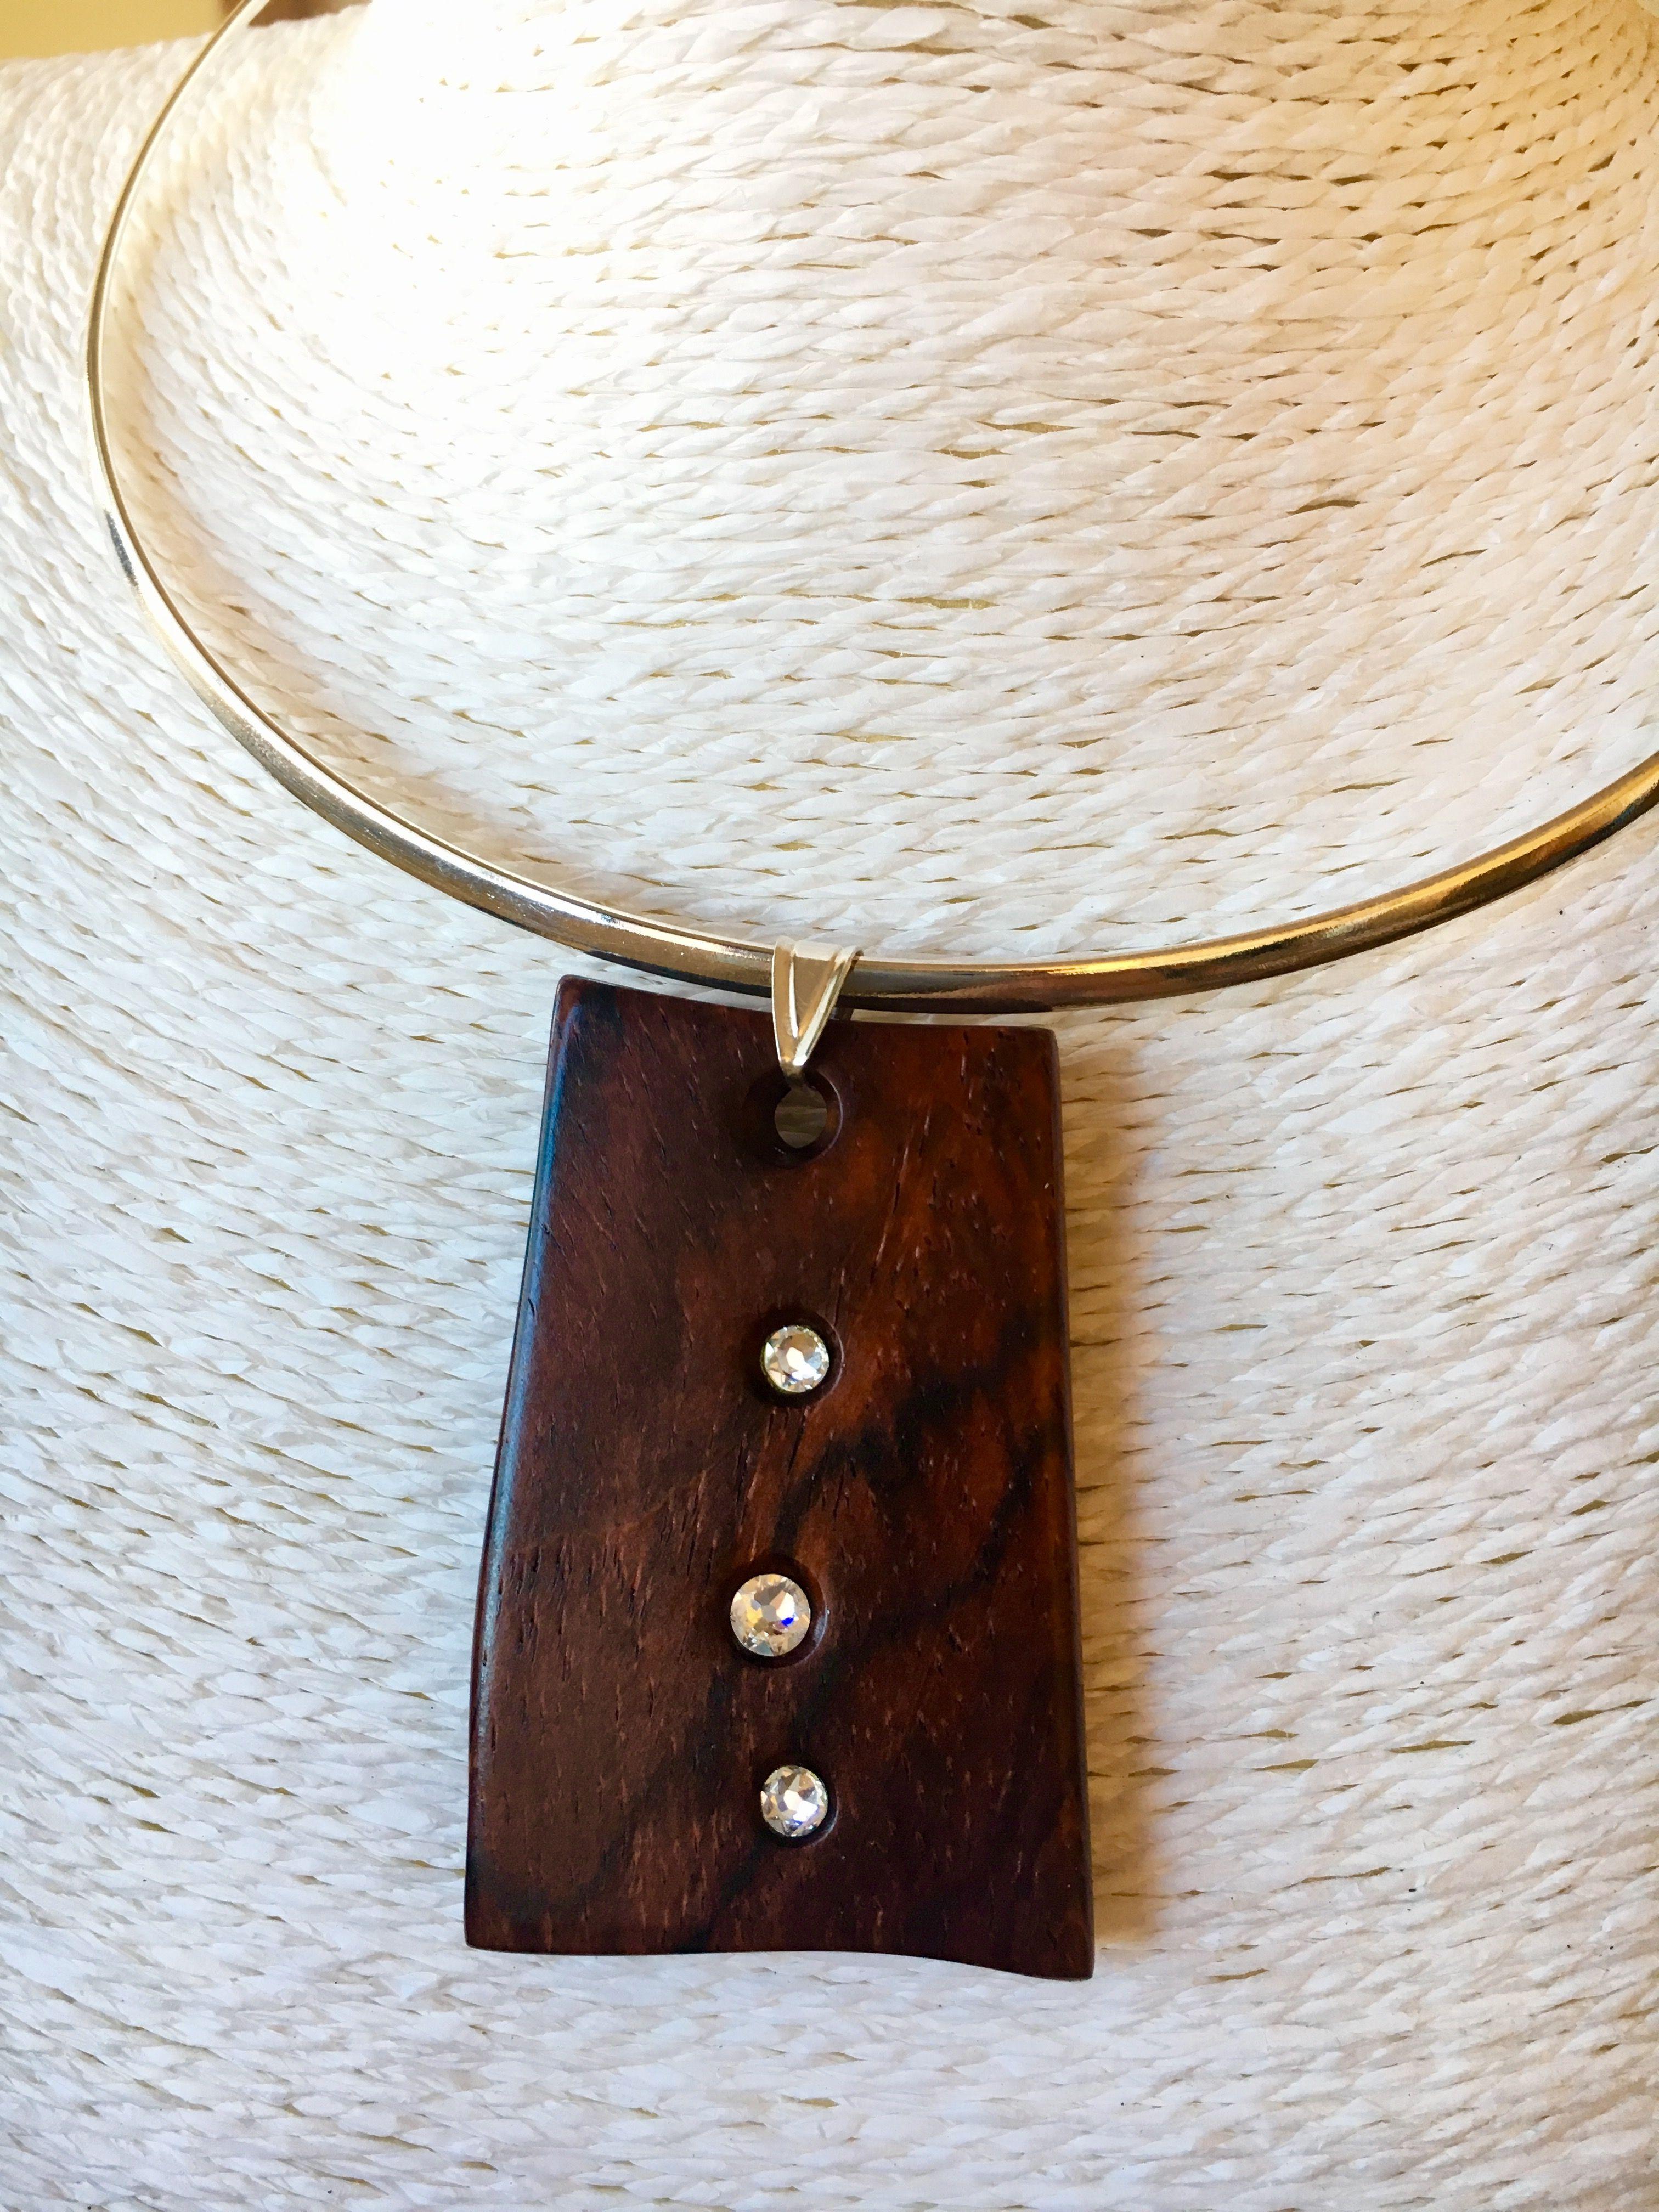 Colgante de madera de cocobolo con incrustaciones de cristal Swarovski. Plata